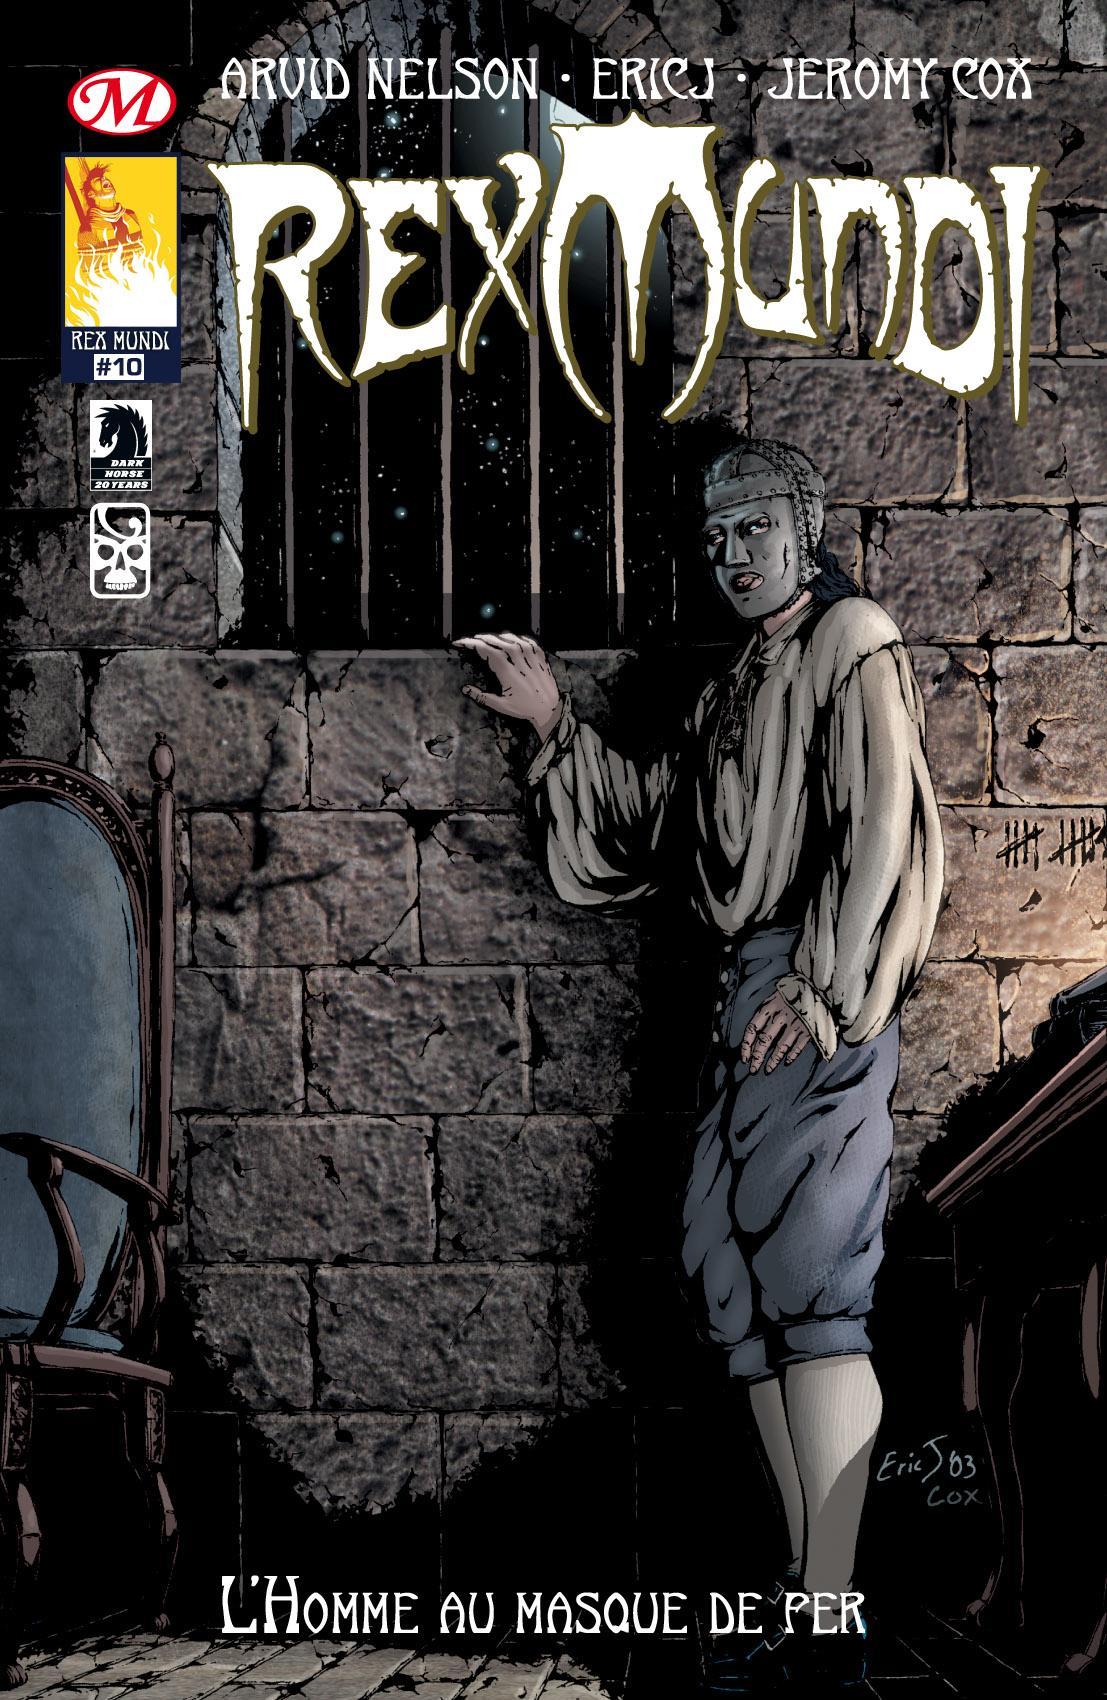 Rex Mundi #10, REX MUNDI, T2